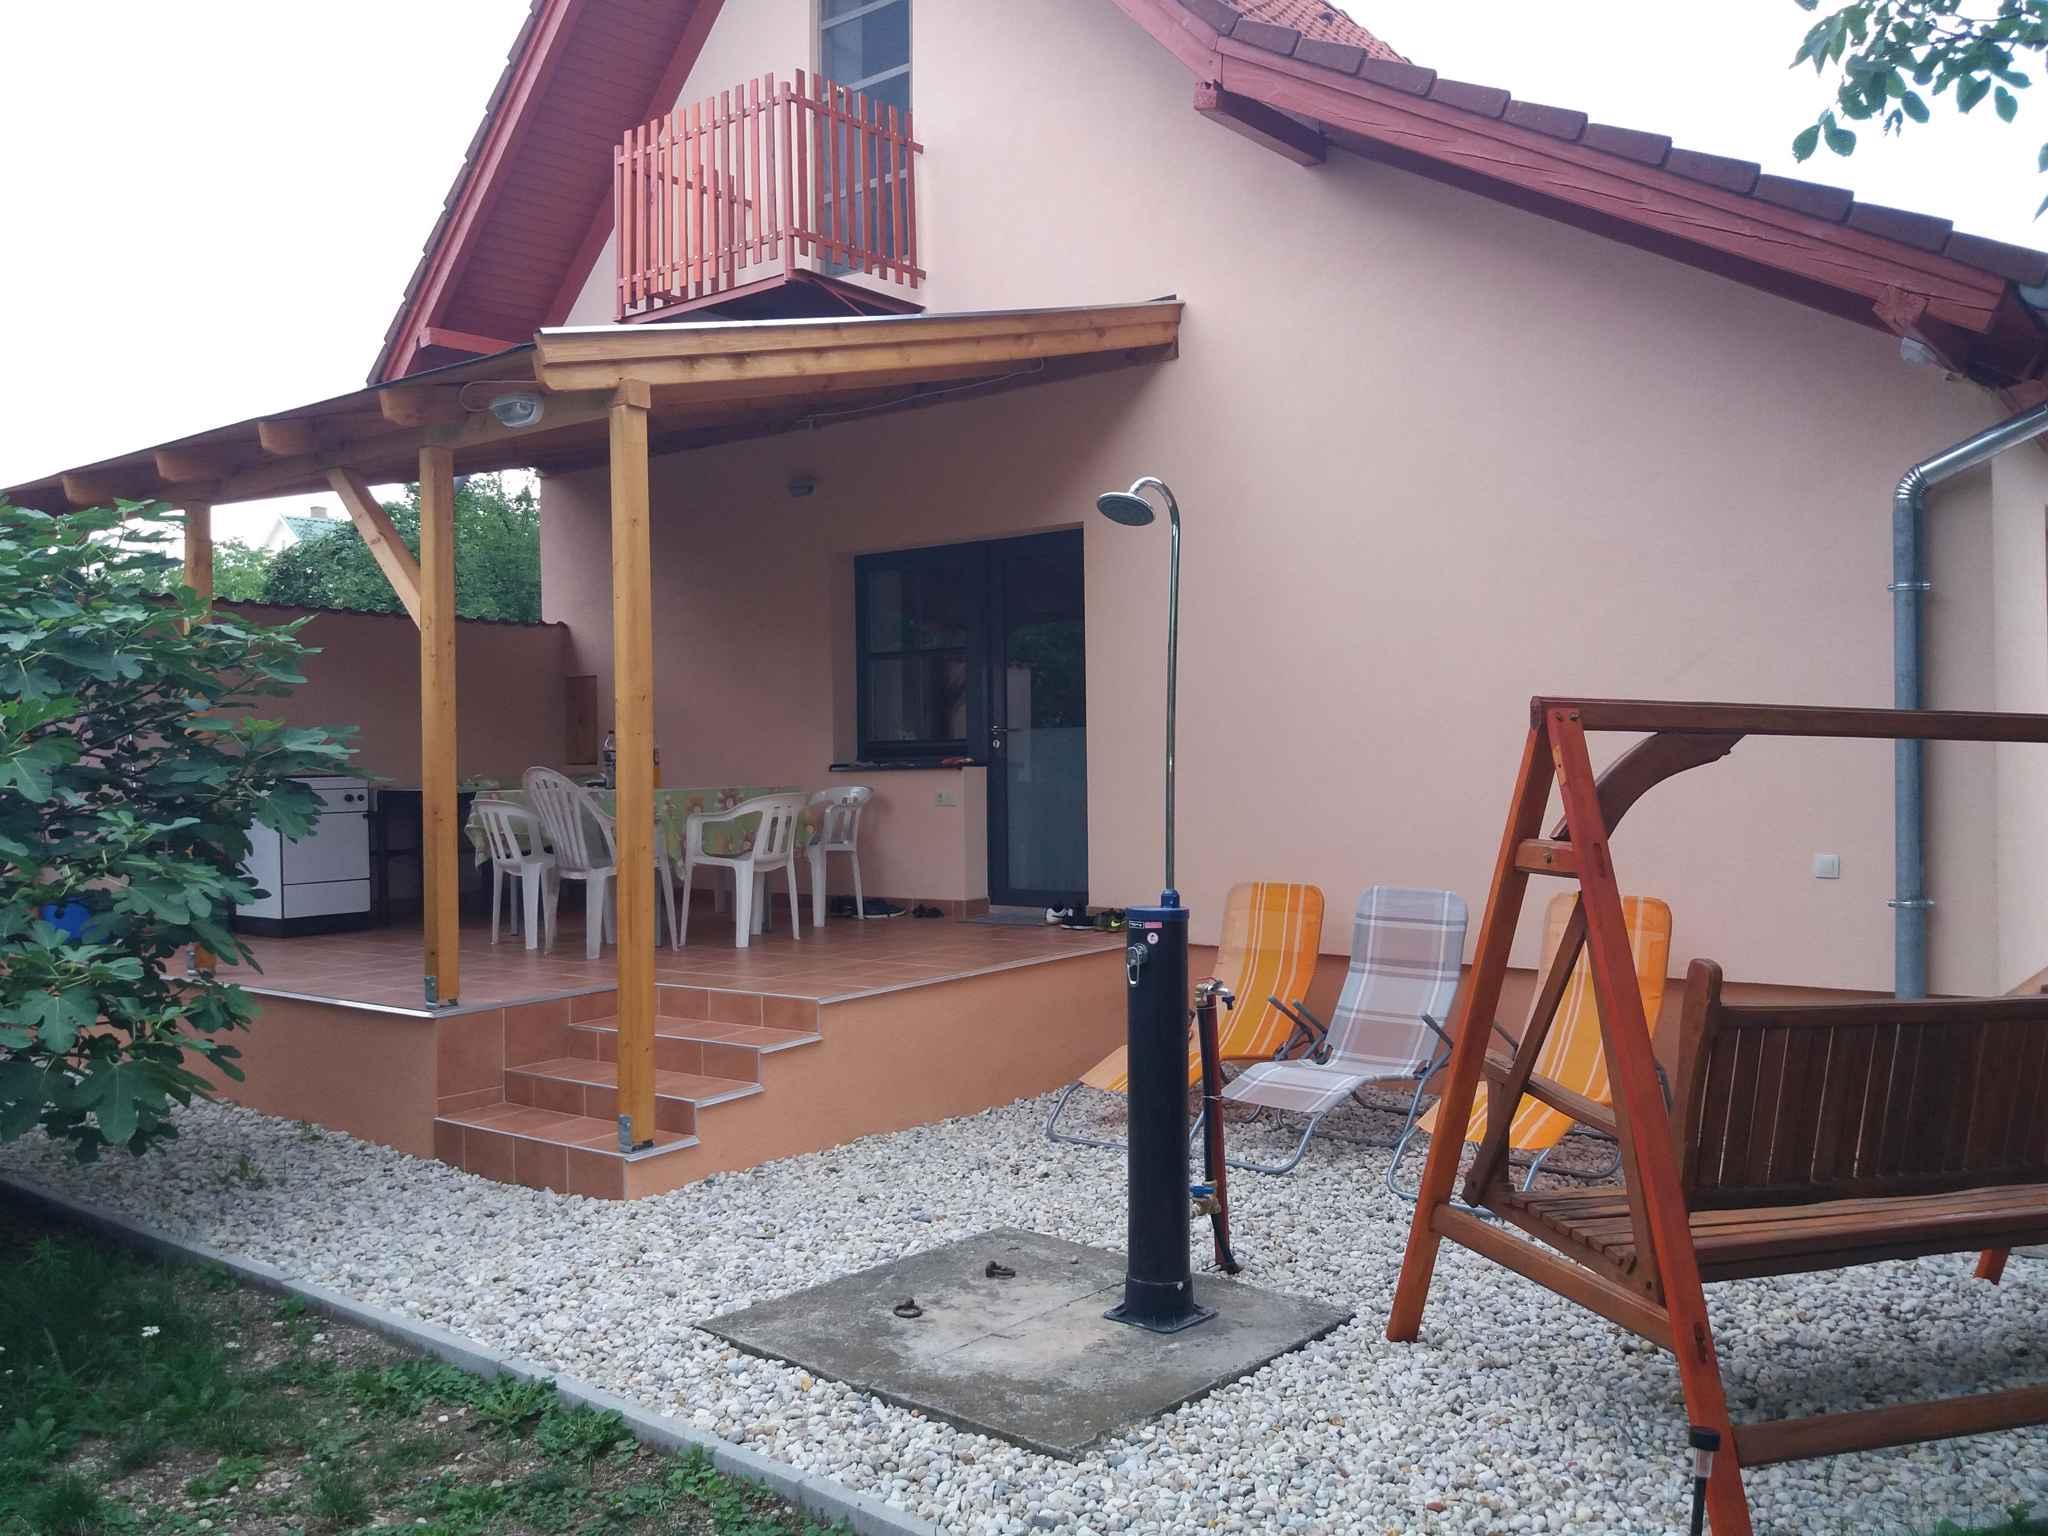 Ferienhaus A Balaton közelében, grill  in Ungarn